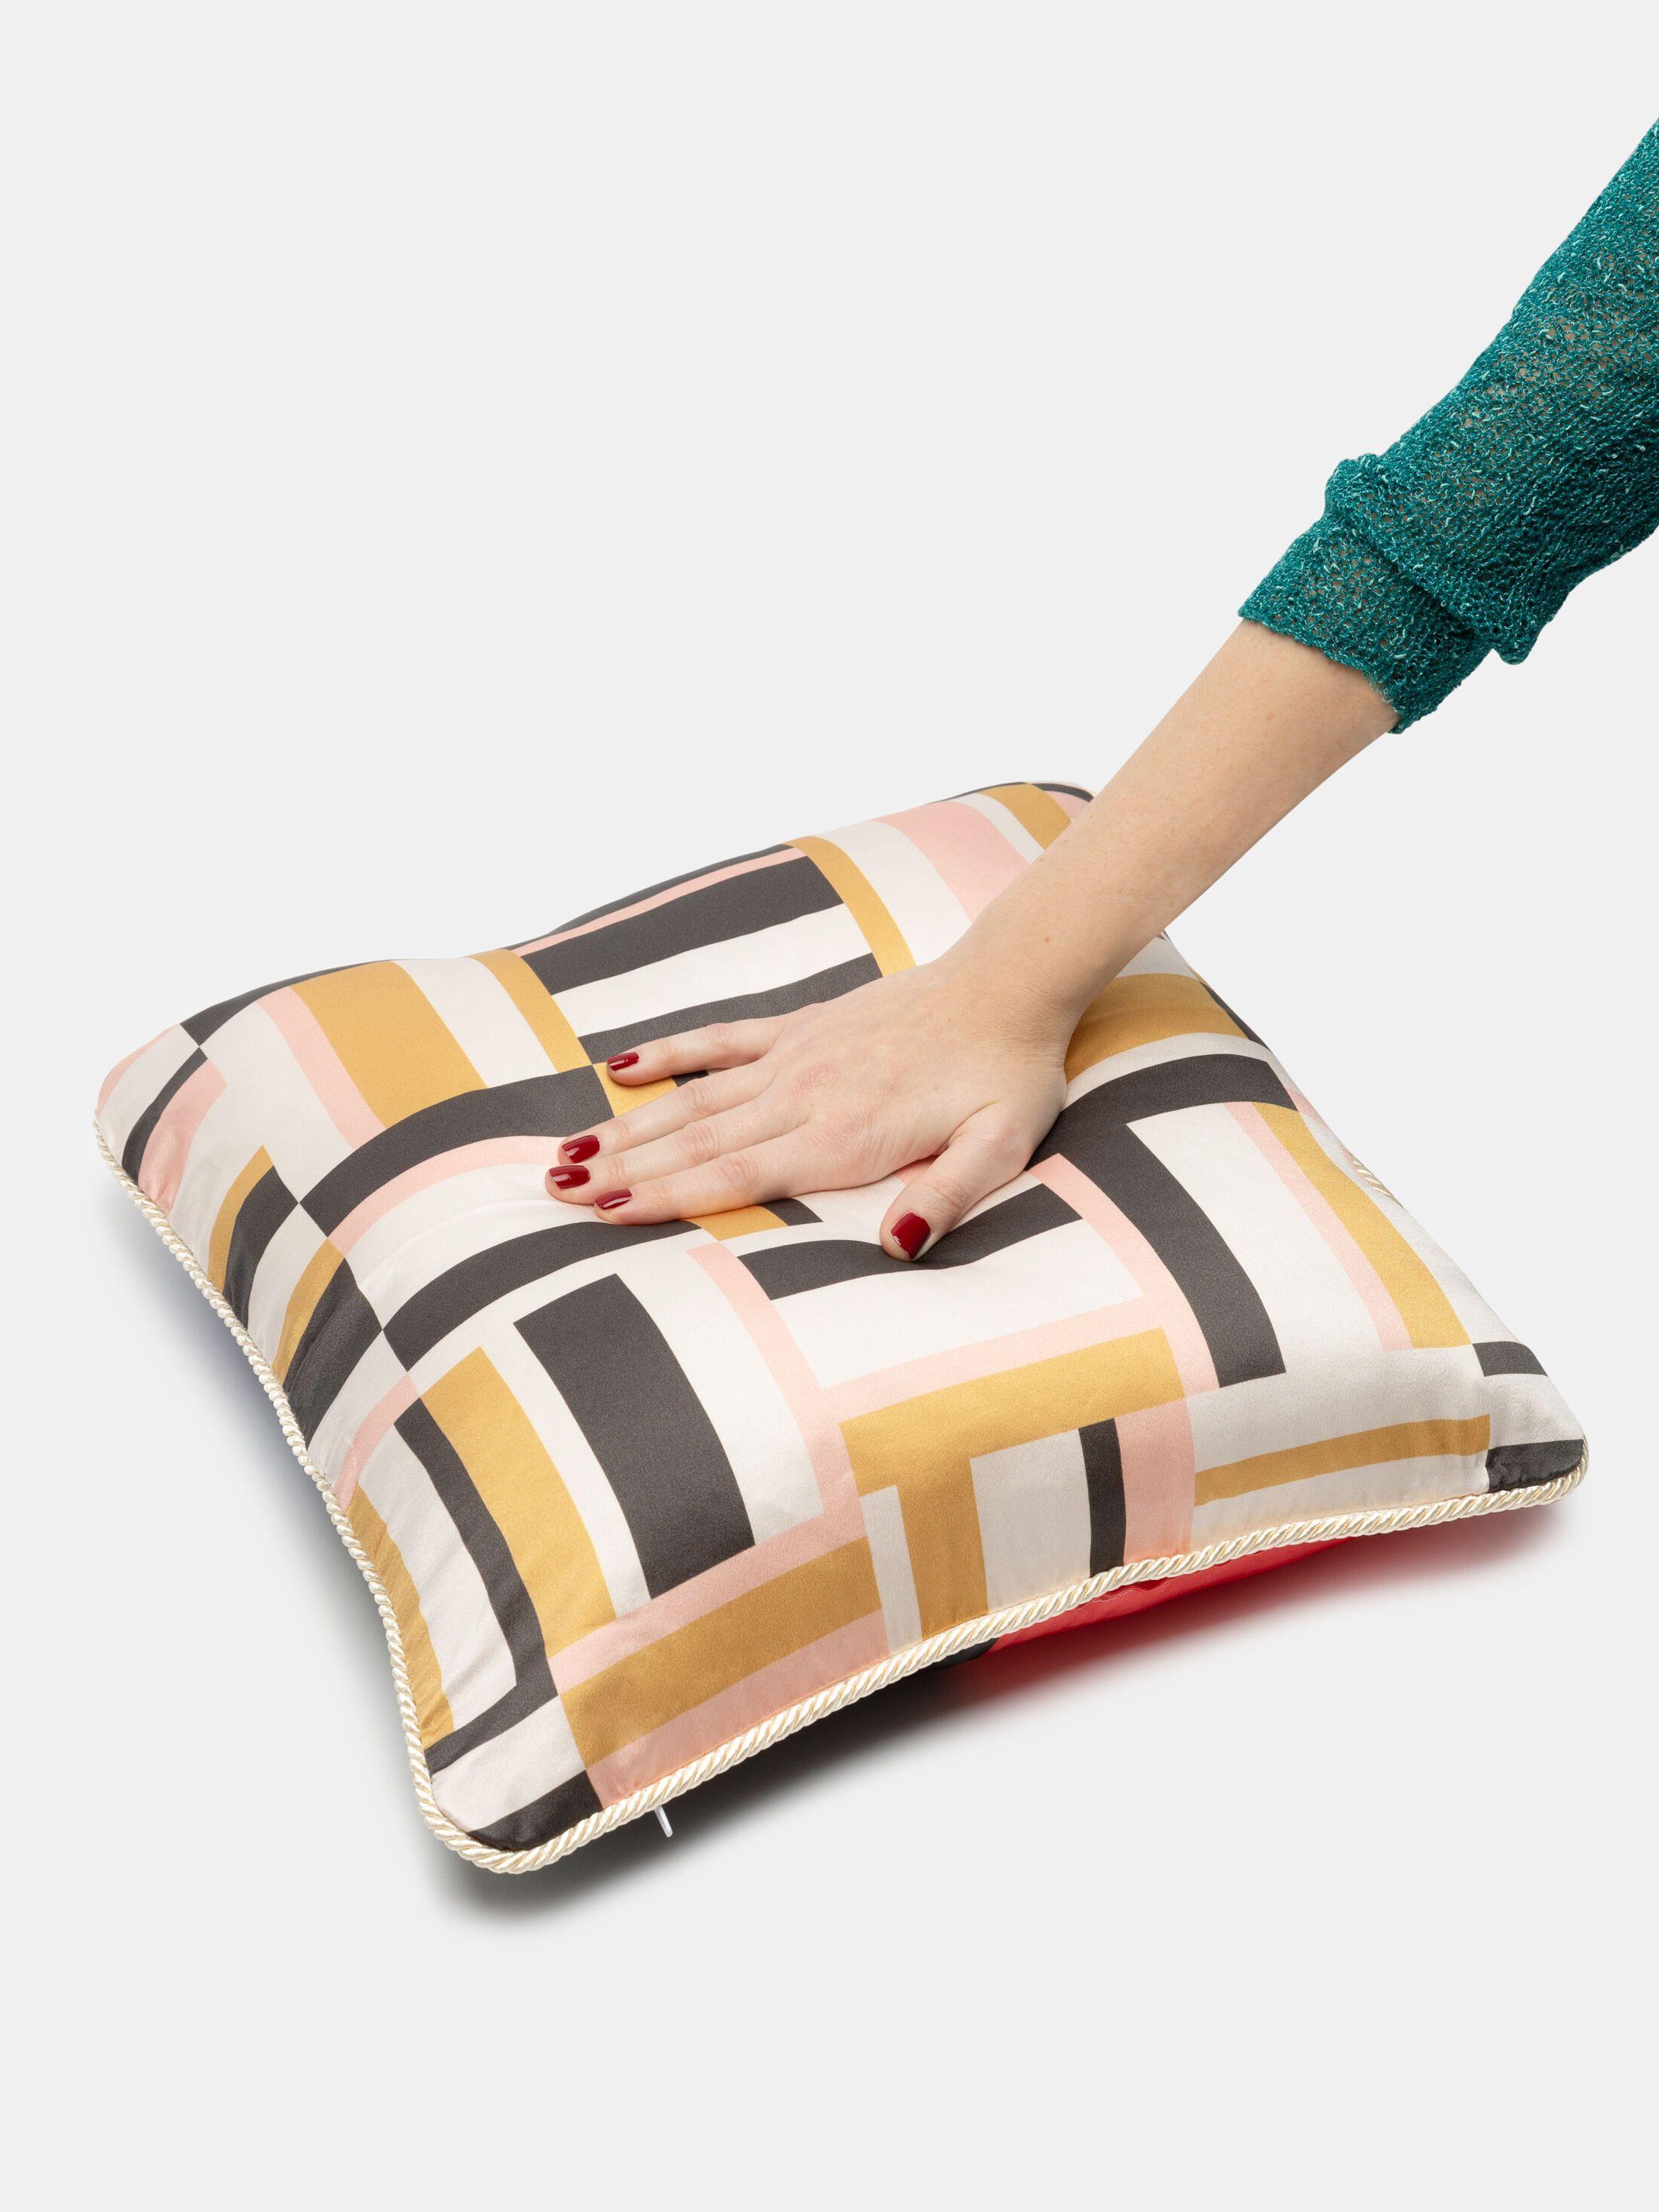 zijden kussens bedrukken met jouw design